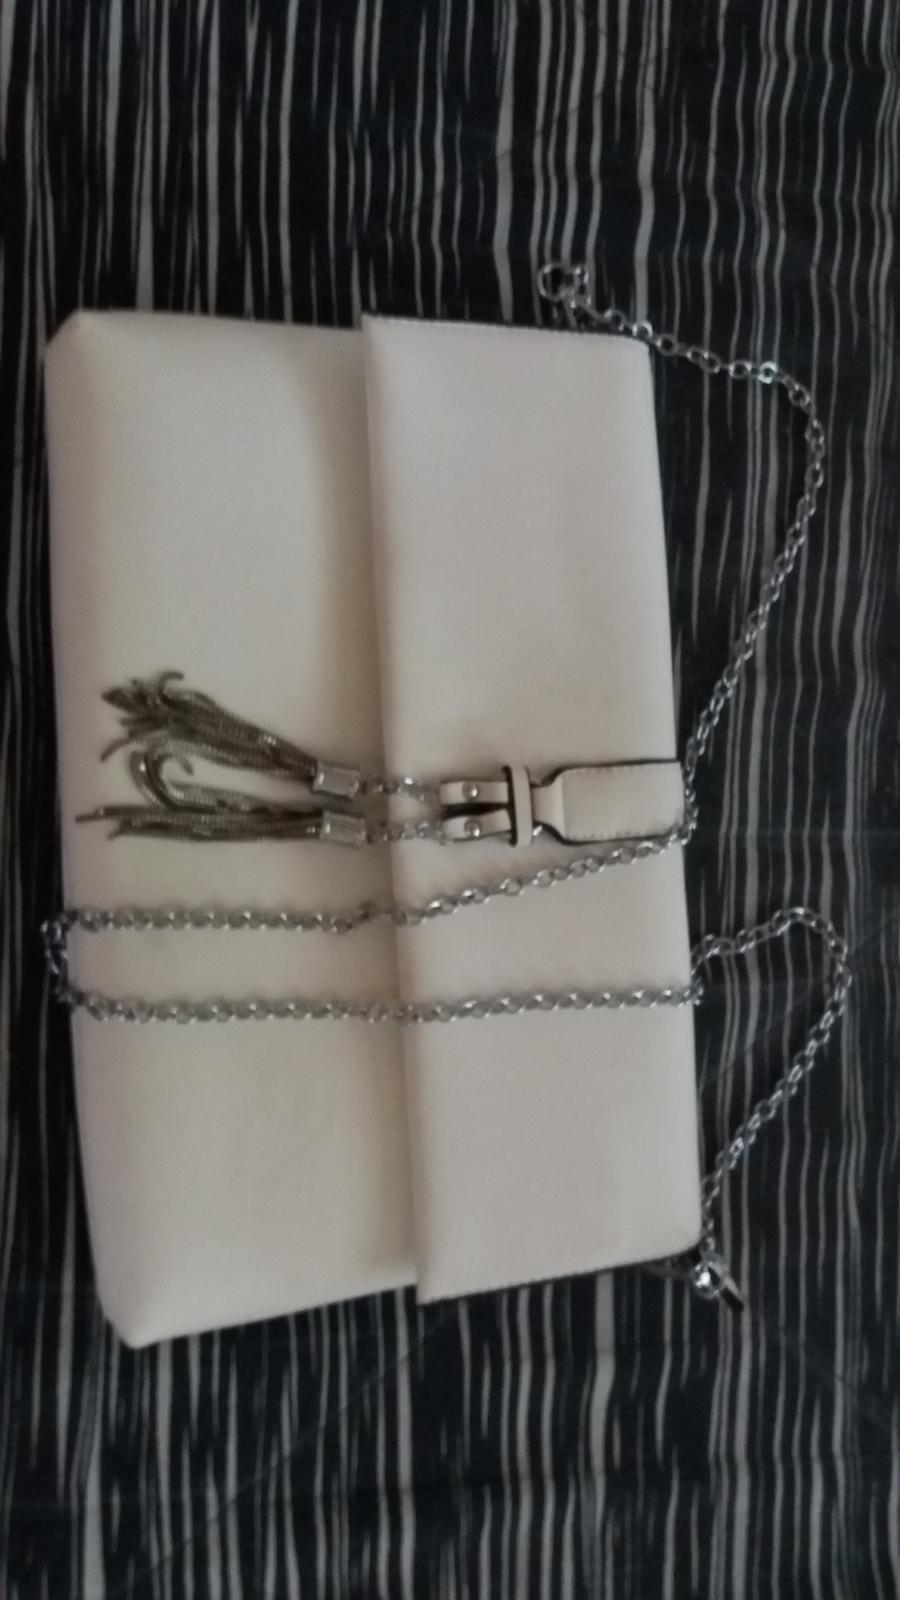 listova kabelka - Obrázok č. 1